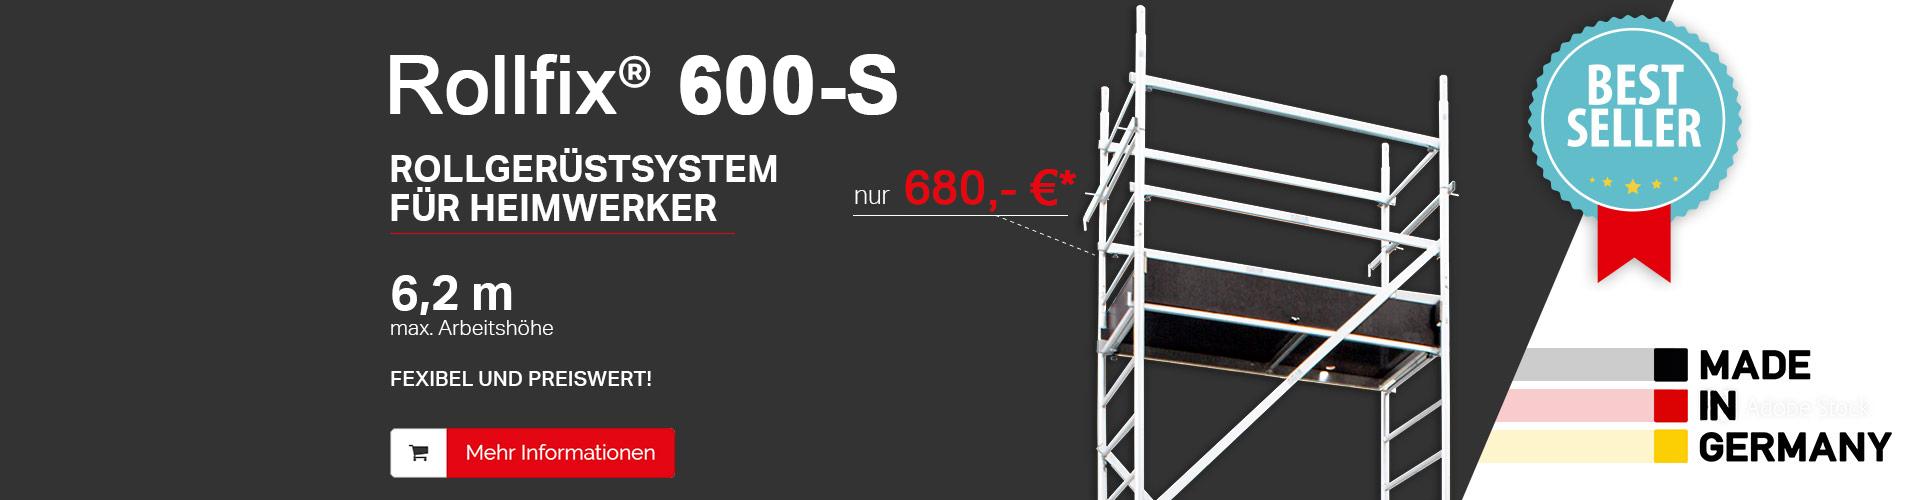 Rollfix 600-S Banner2